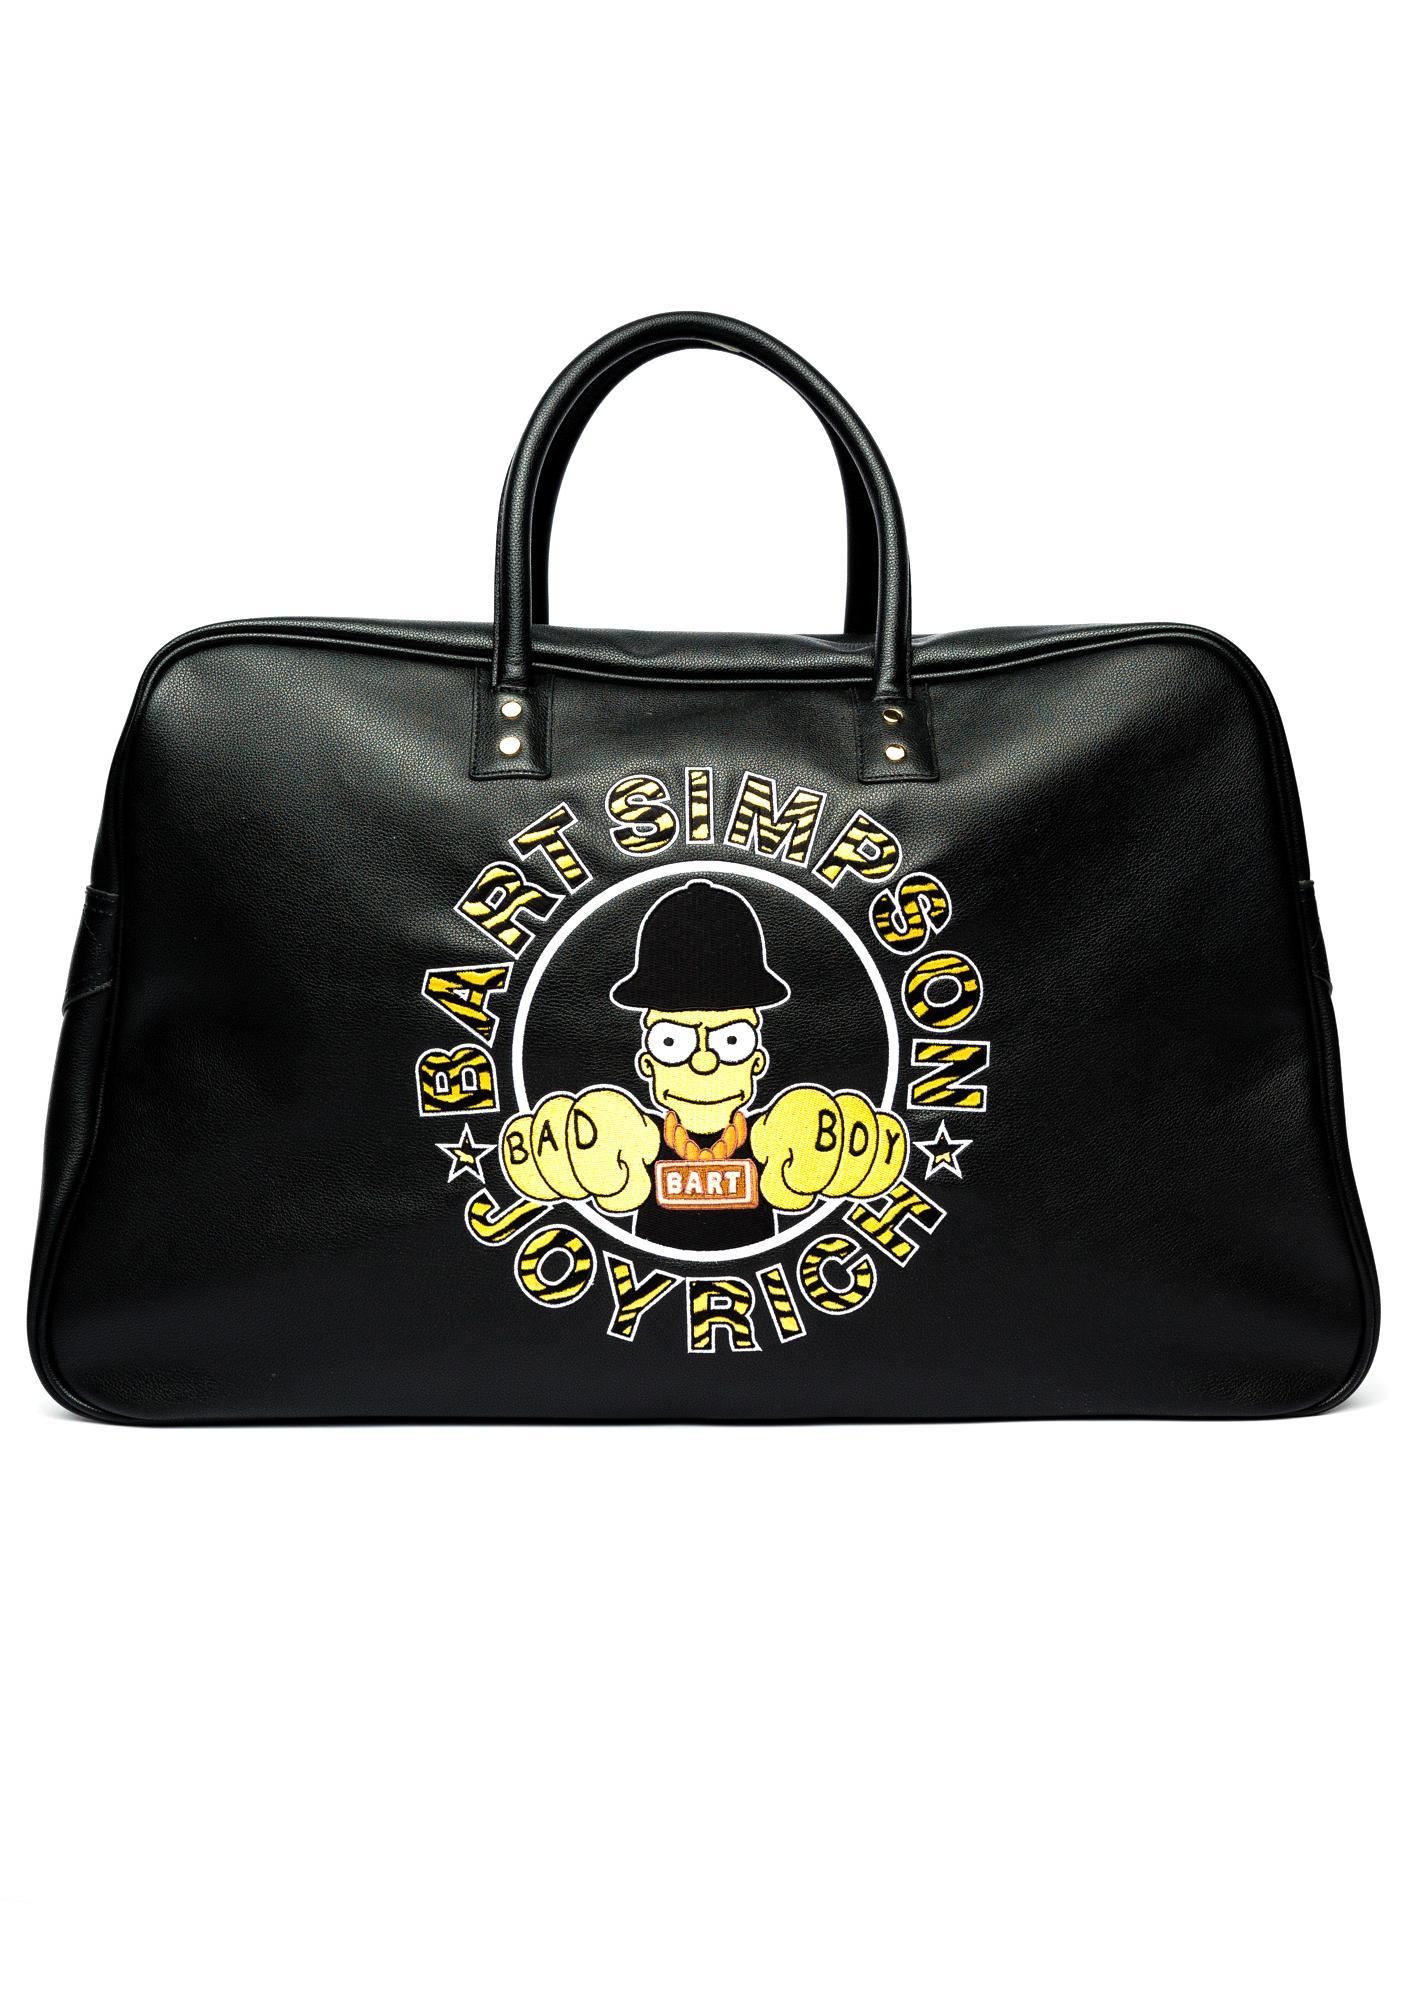 Joyrich Bad Boy Bart Boston Bag